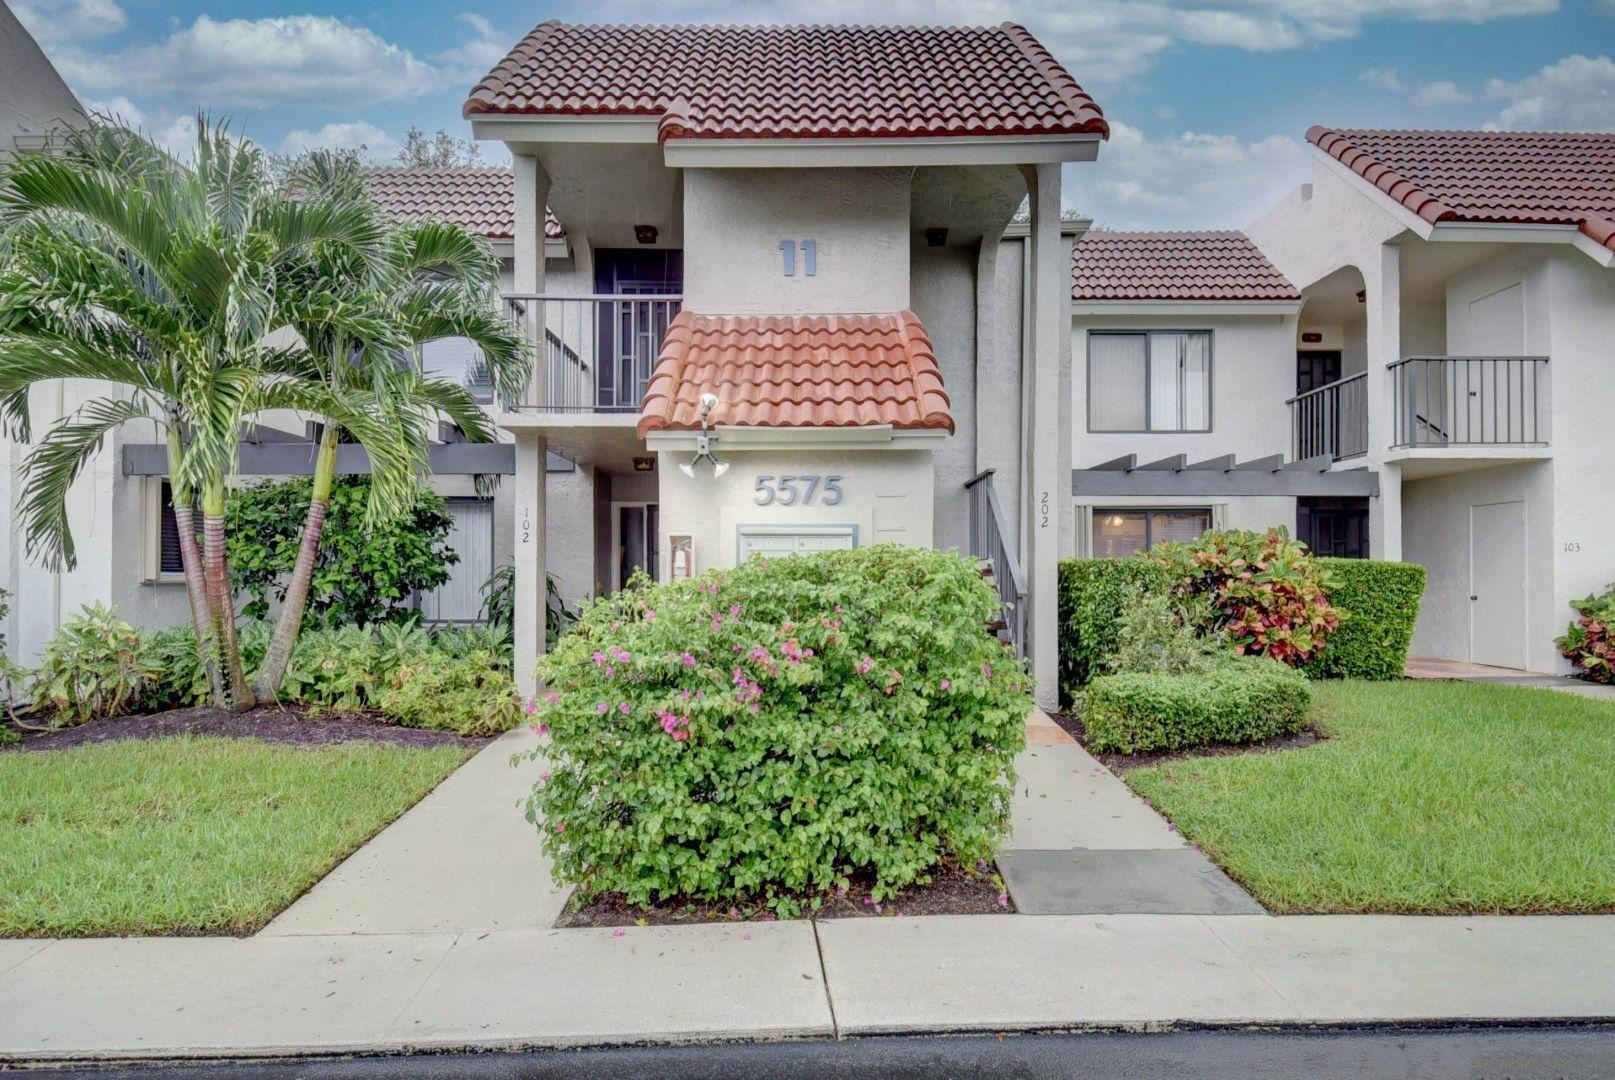 5575 Fairway Park Drive #201, Boynton Beach, FL 33437 - #: RX-10680345